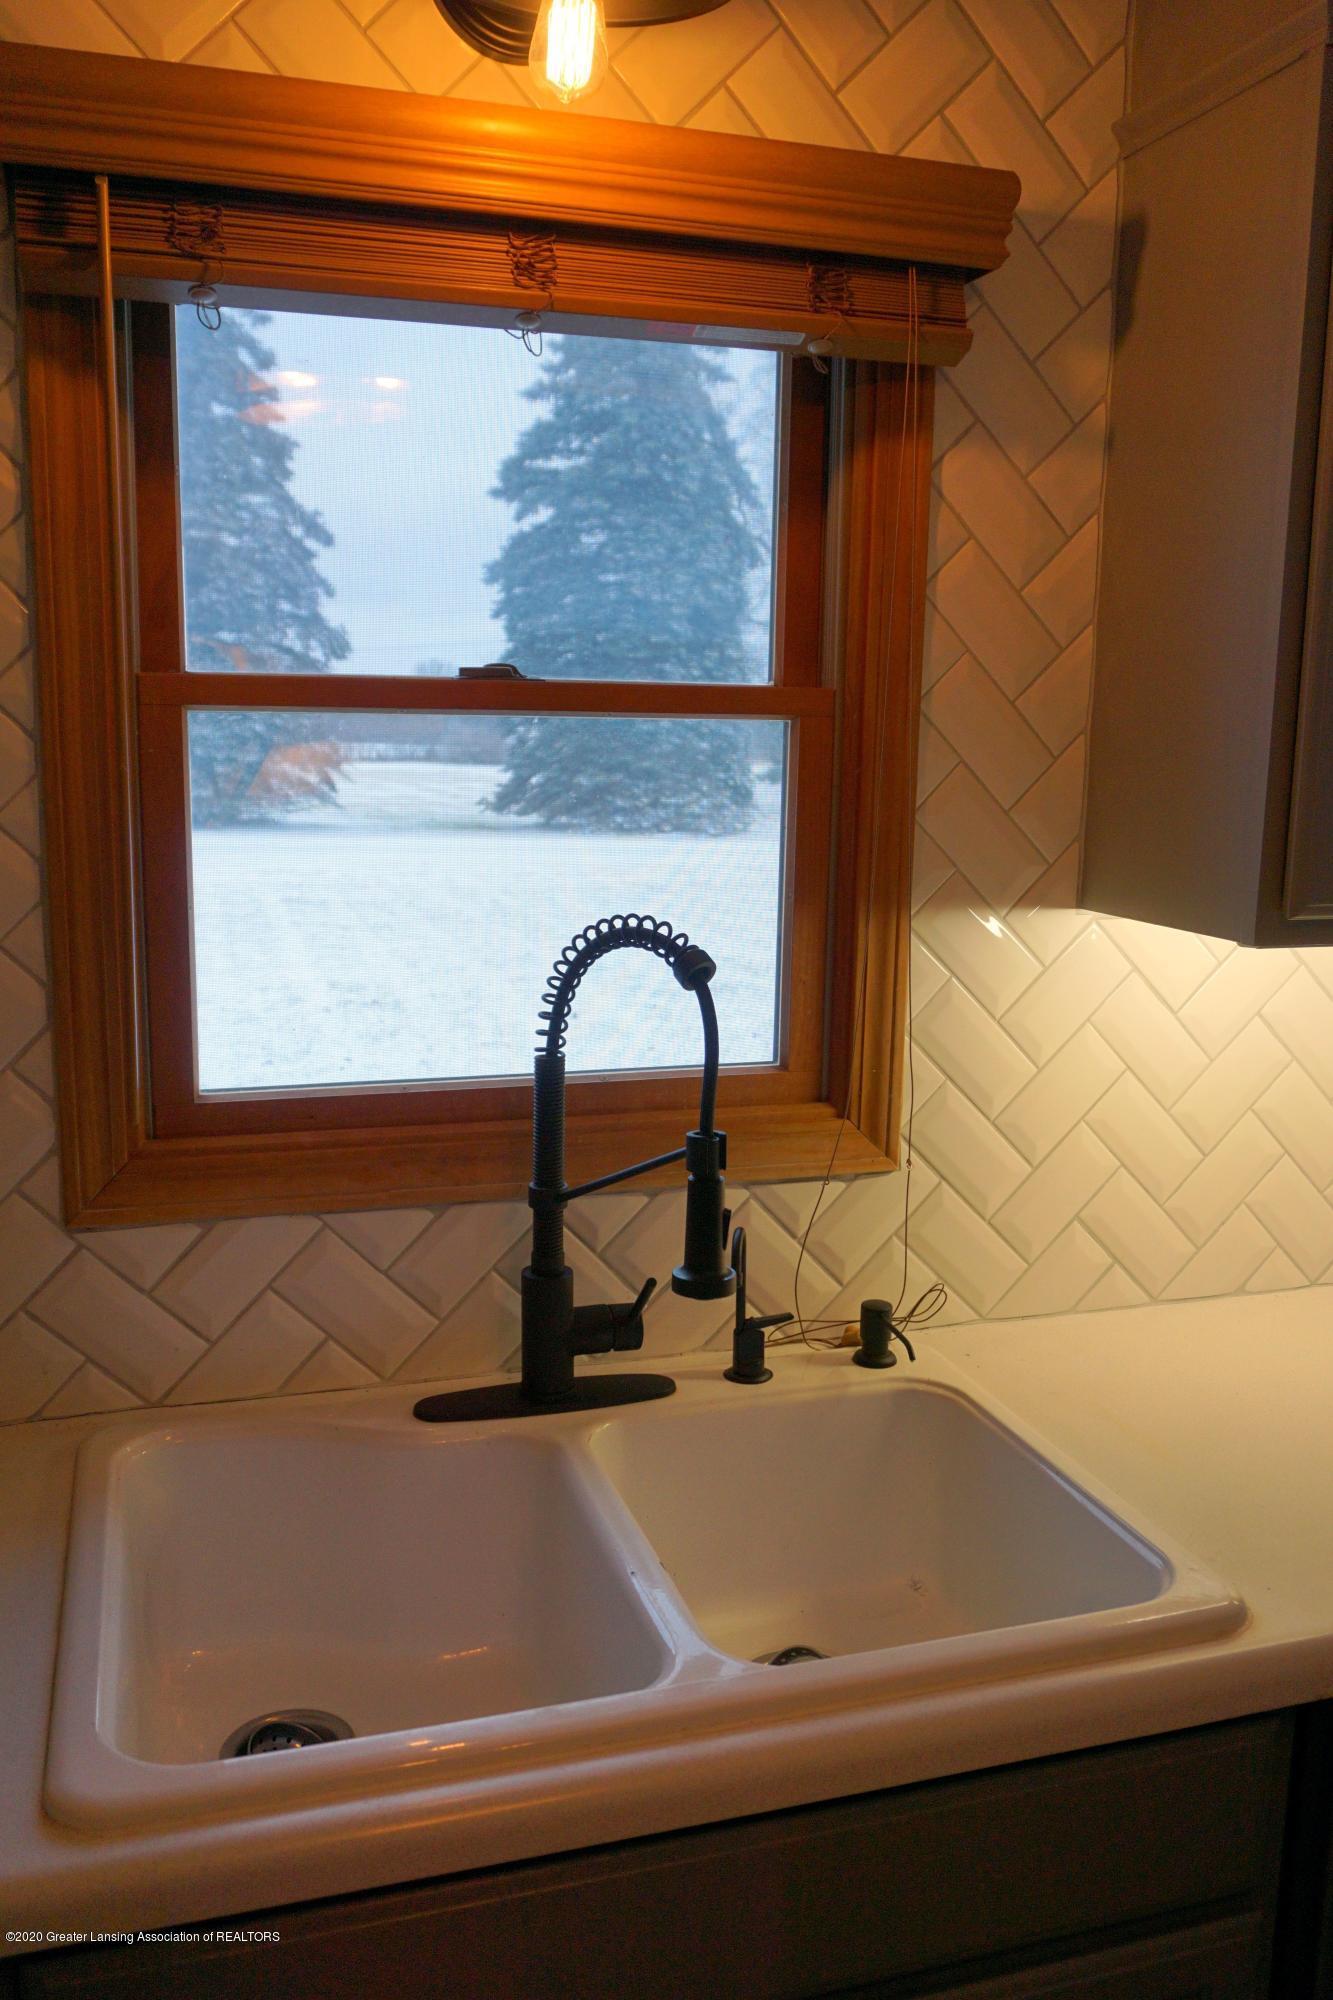 11867 Old Woodbury Rd - Kitchen sink view - 4